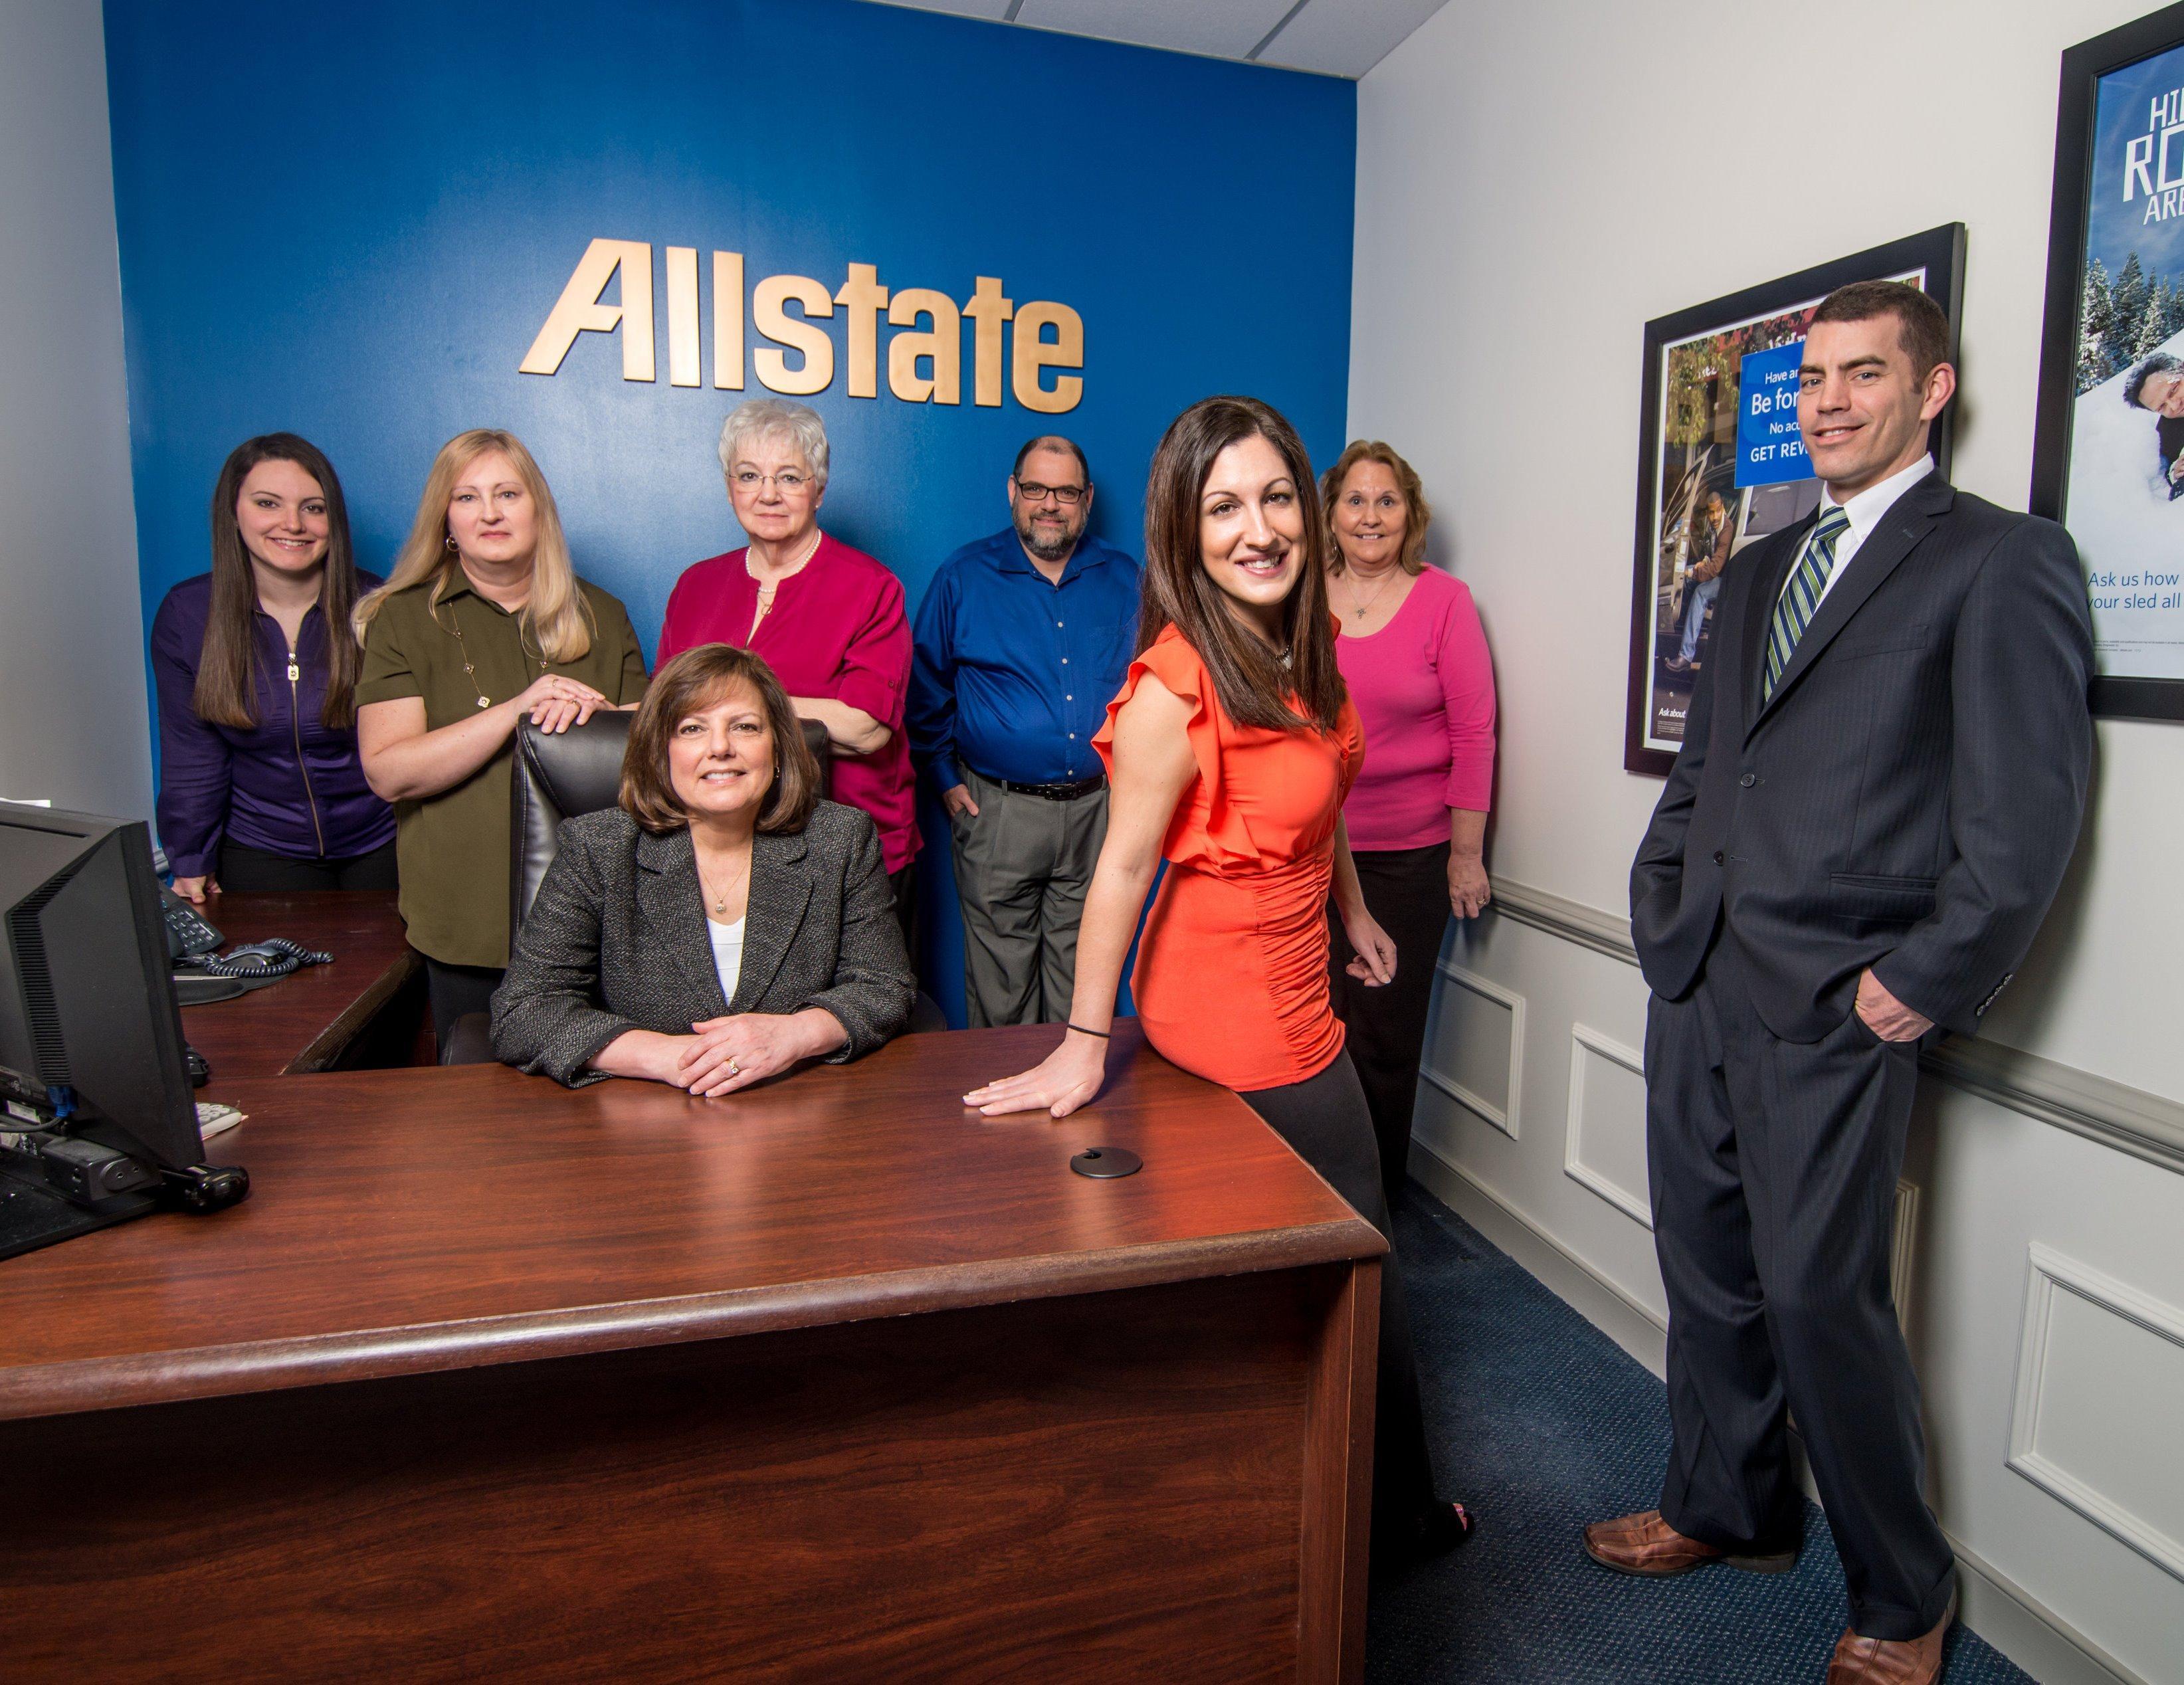 Alice Miller: Allstate Insurance image 1